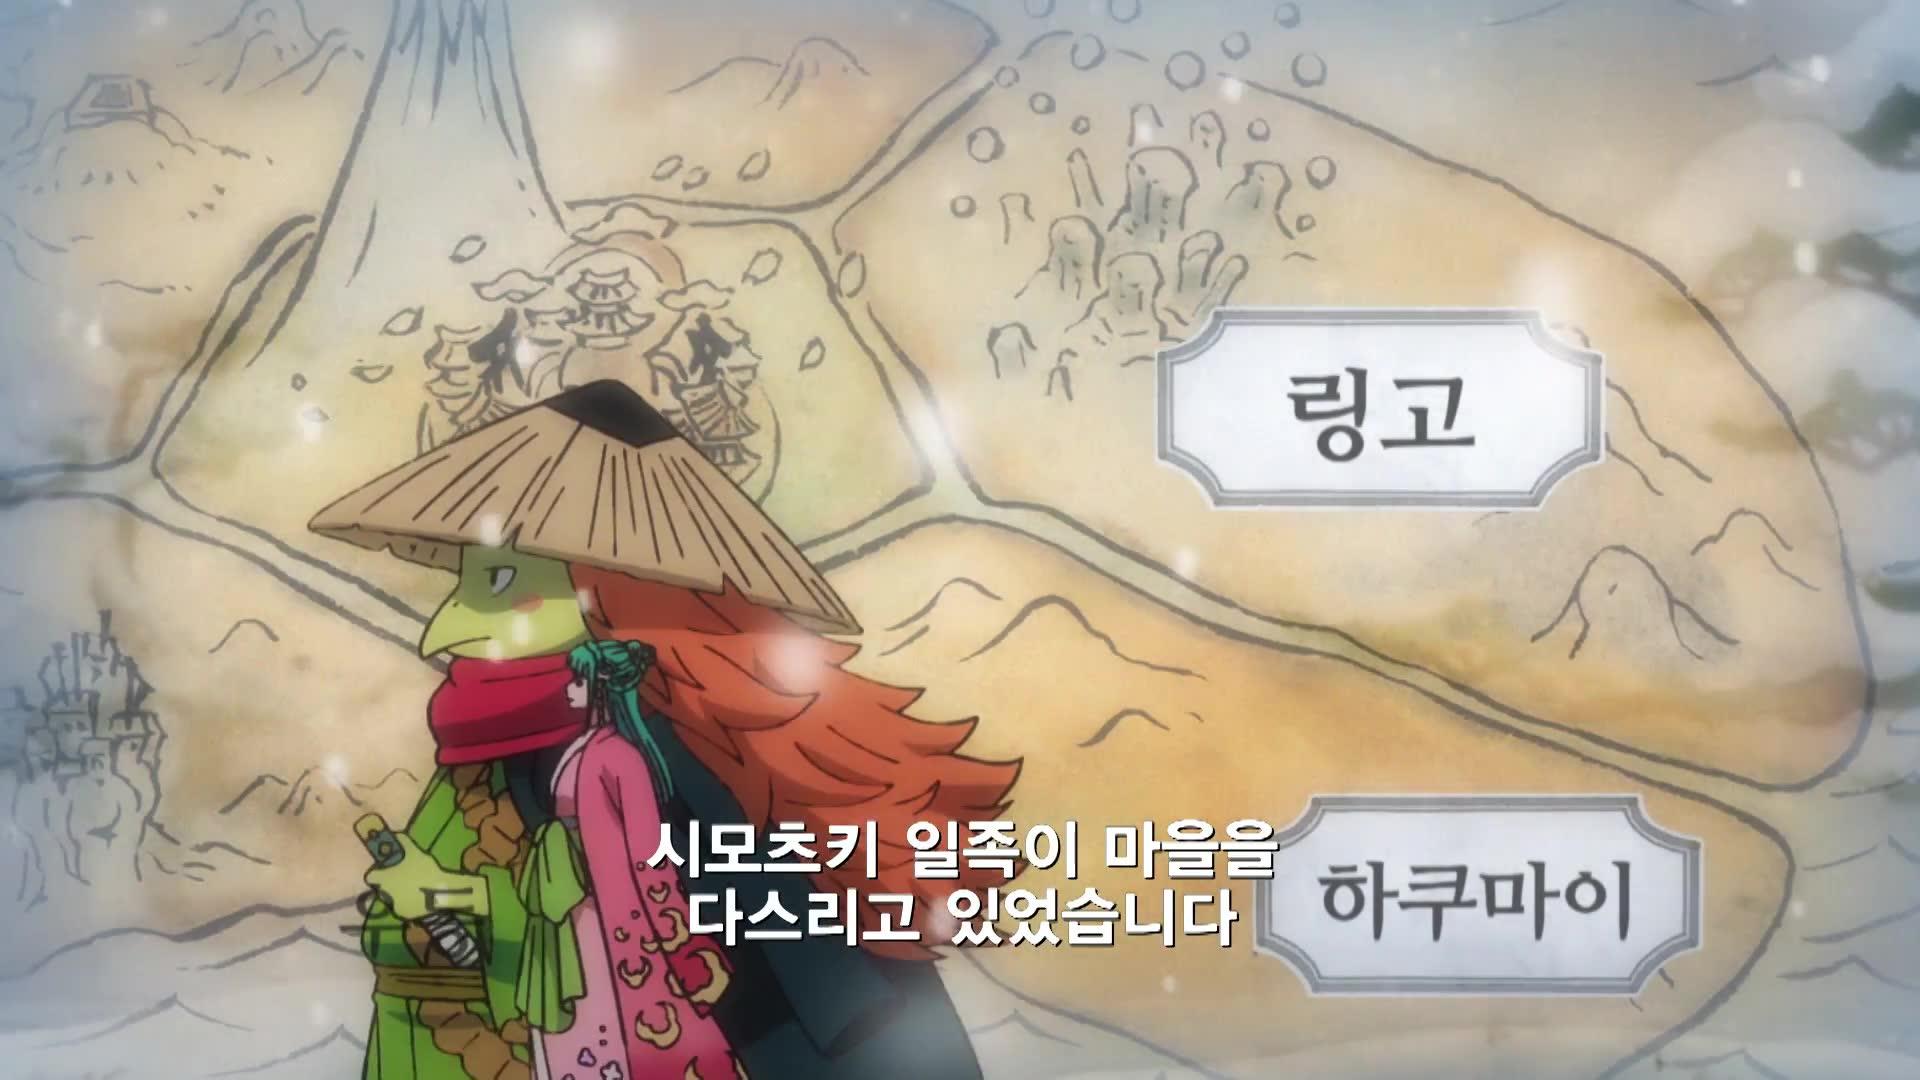 21화 그 이름은 엔마! 오뎅의 명검!